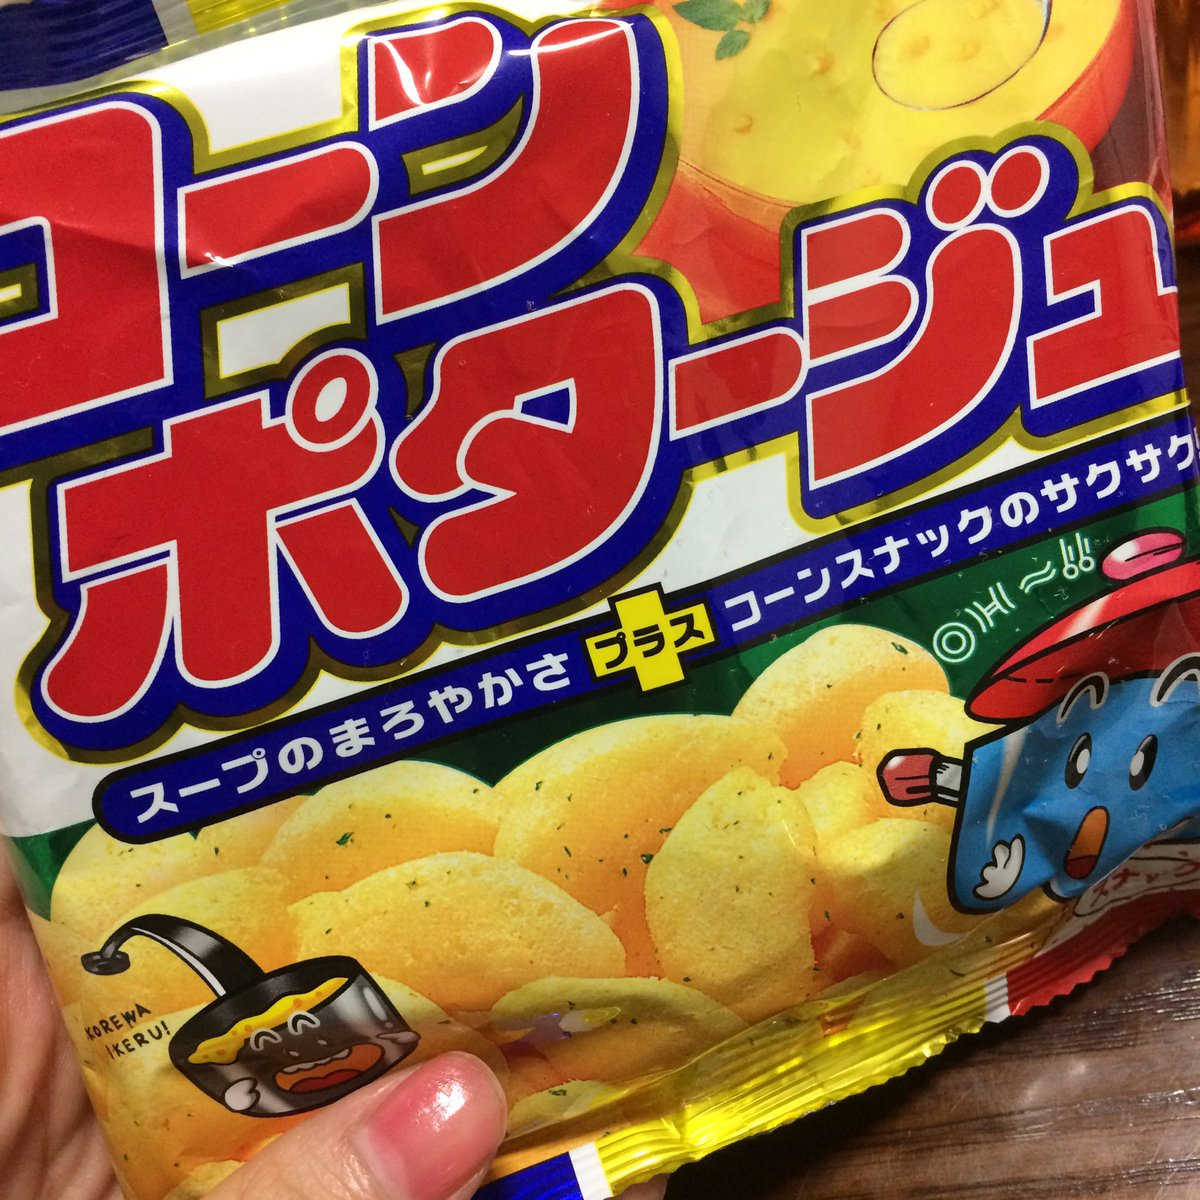 このシーンまで食べるの待ってたー!コンポタのお菓子うましうまし!(*´ч`*)(笑)#rezero pic.twitter.com/xgLAtiSJY3